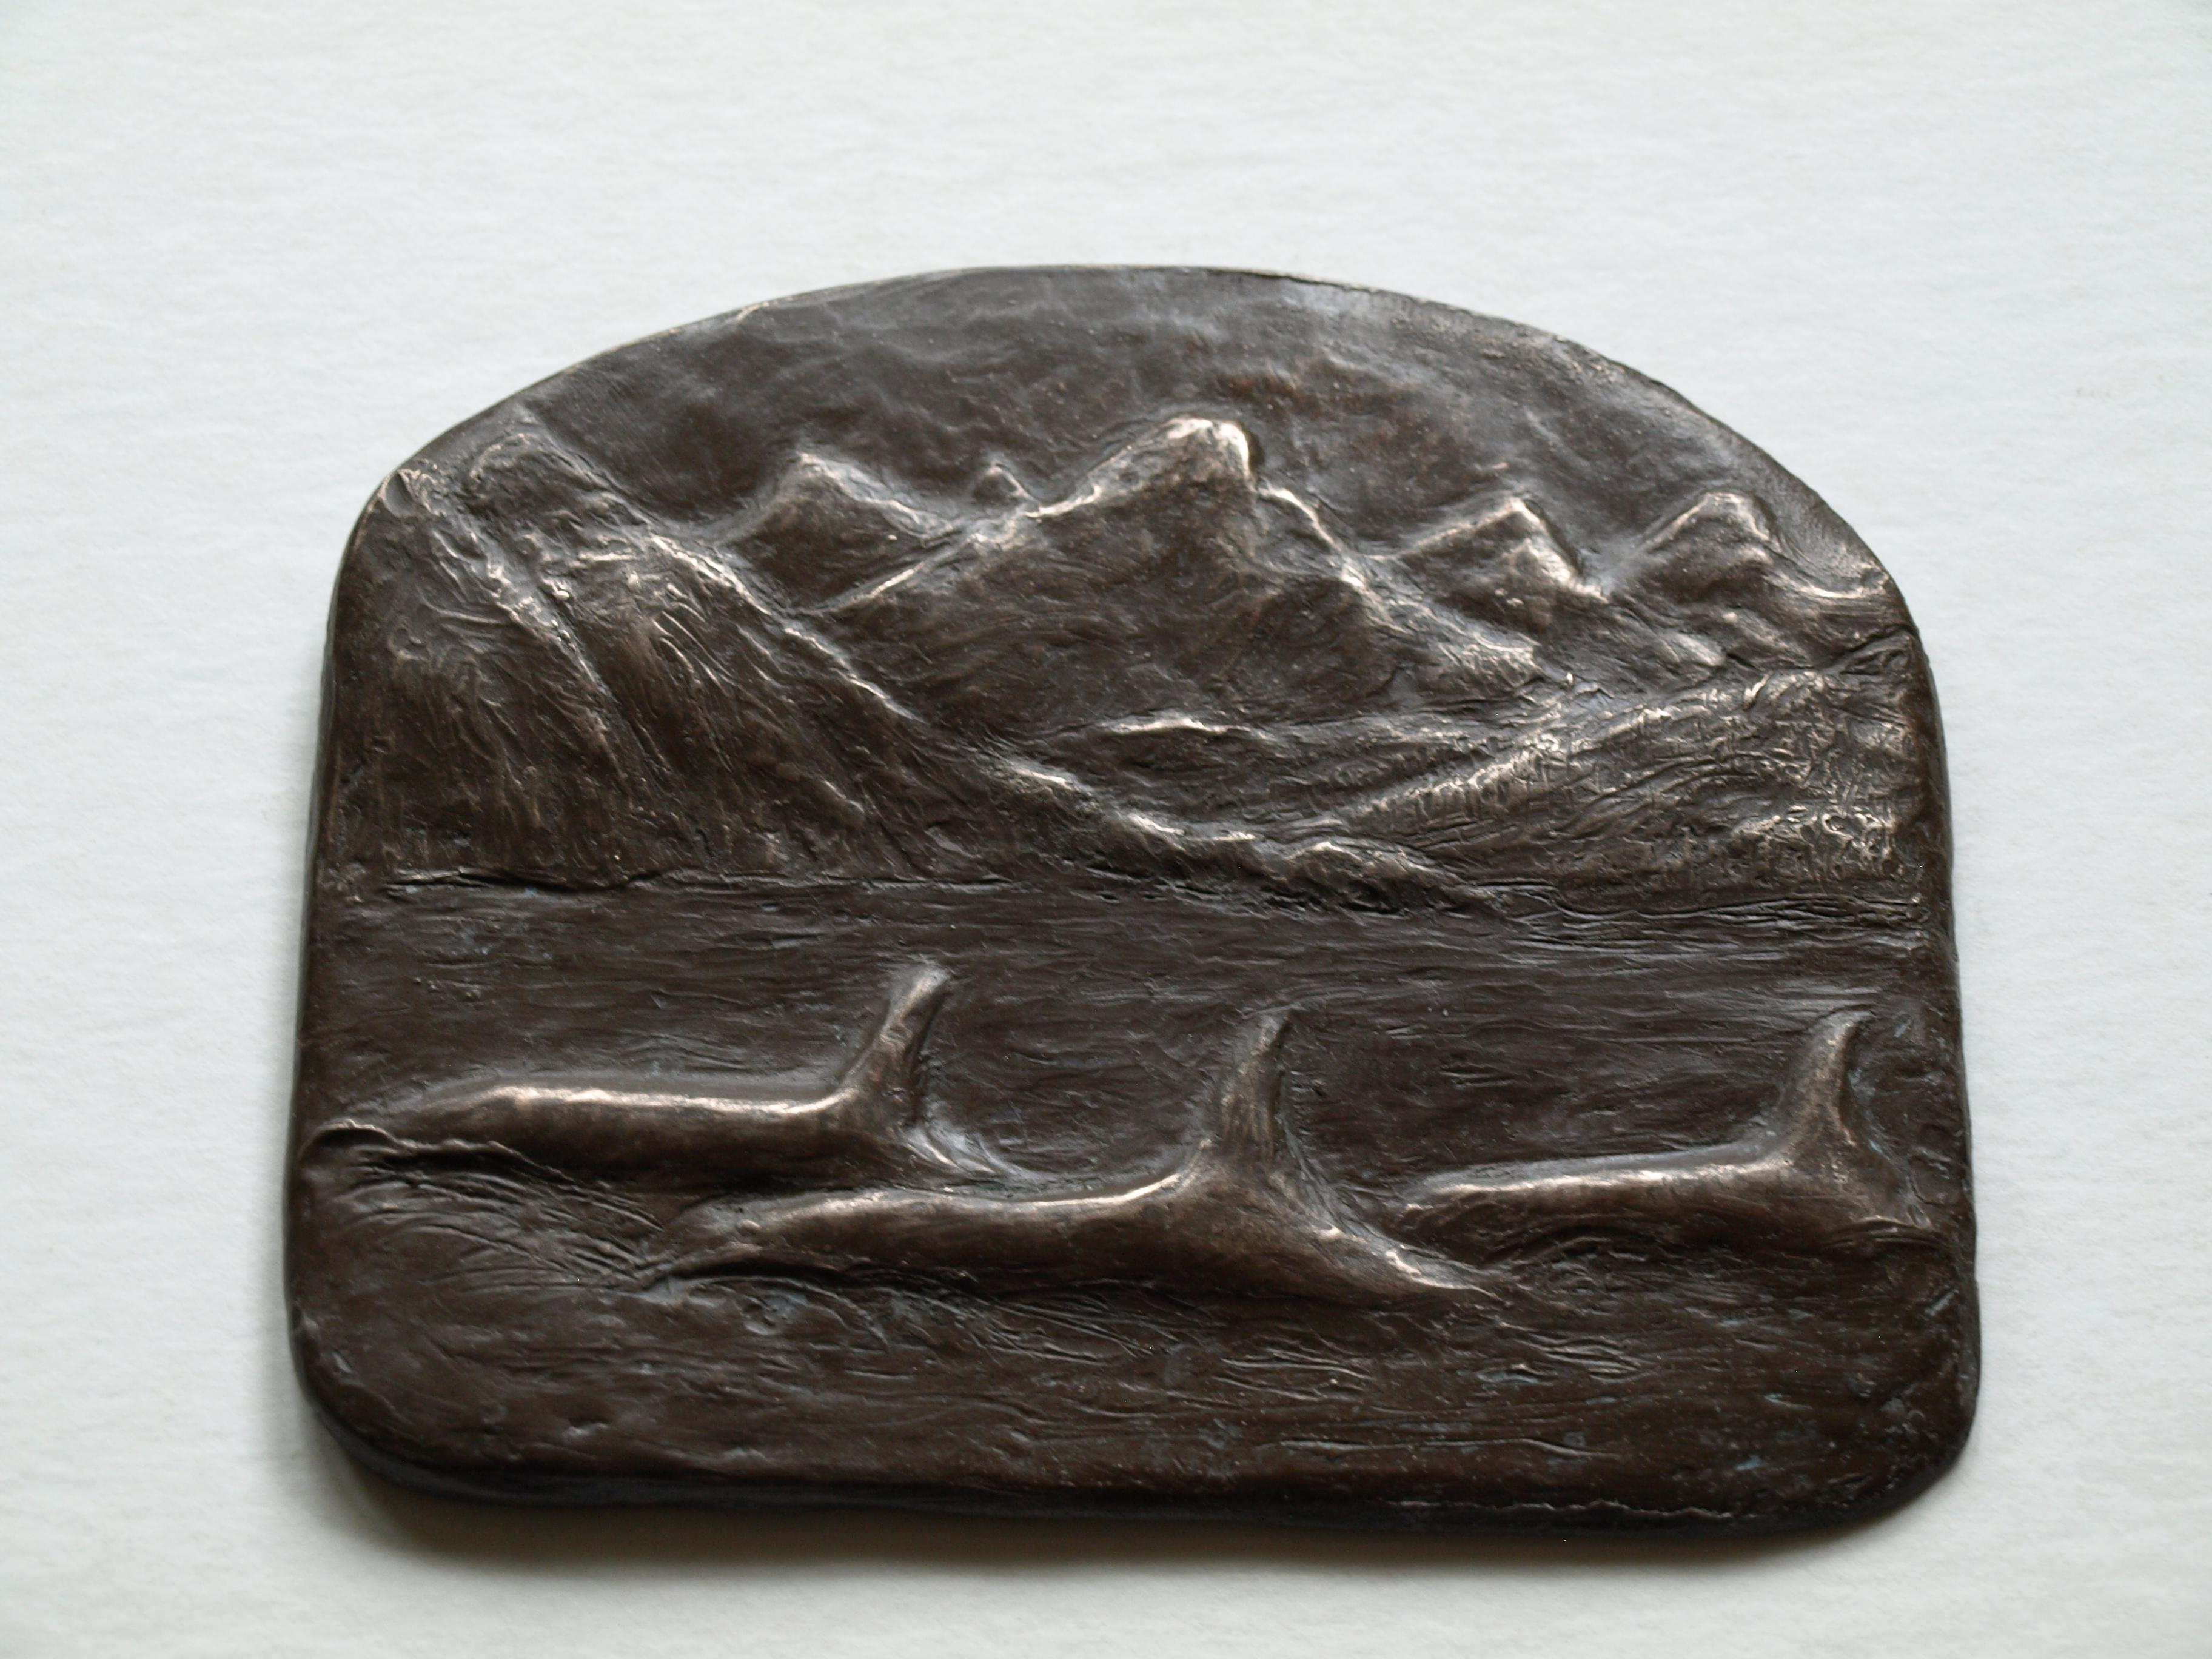 School of Orcas by Anne-Lise Deering